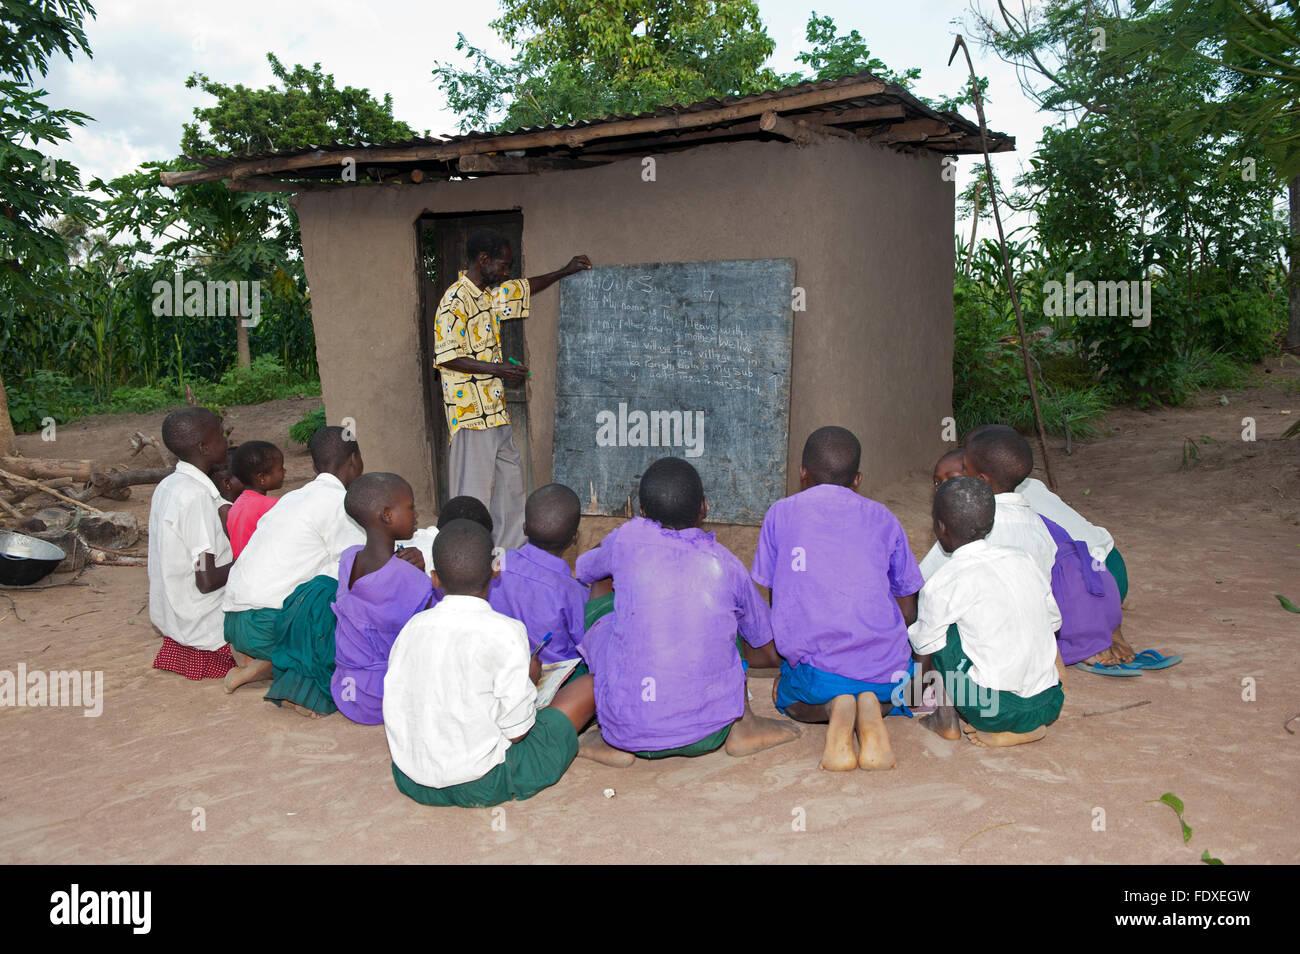 Kinder lernen von einem Lehrer an eine externe Klassenzimmer, Uganda. Stockbild